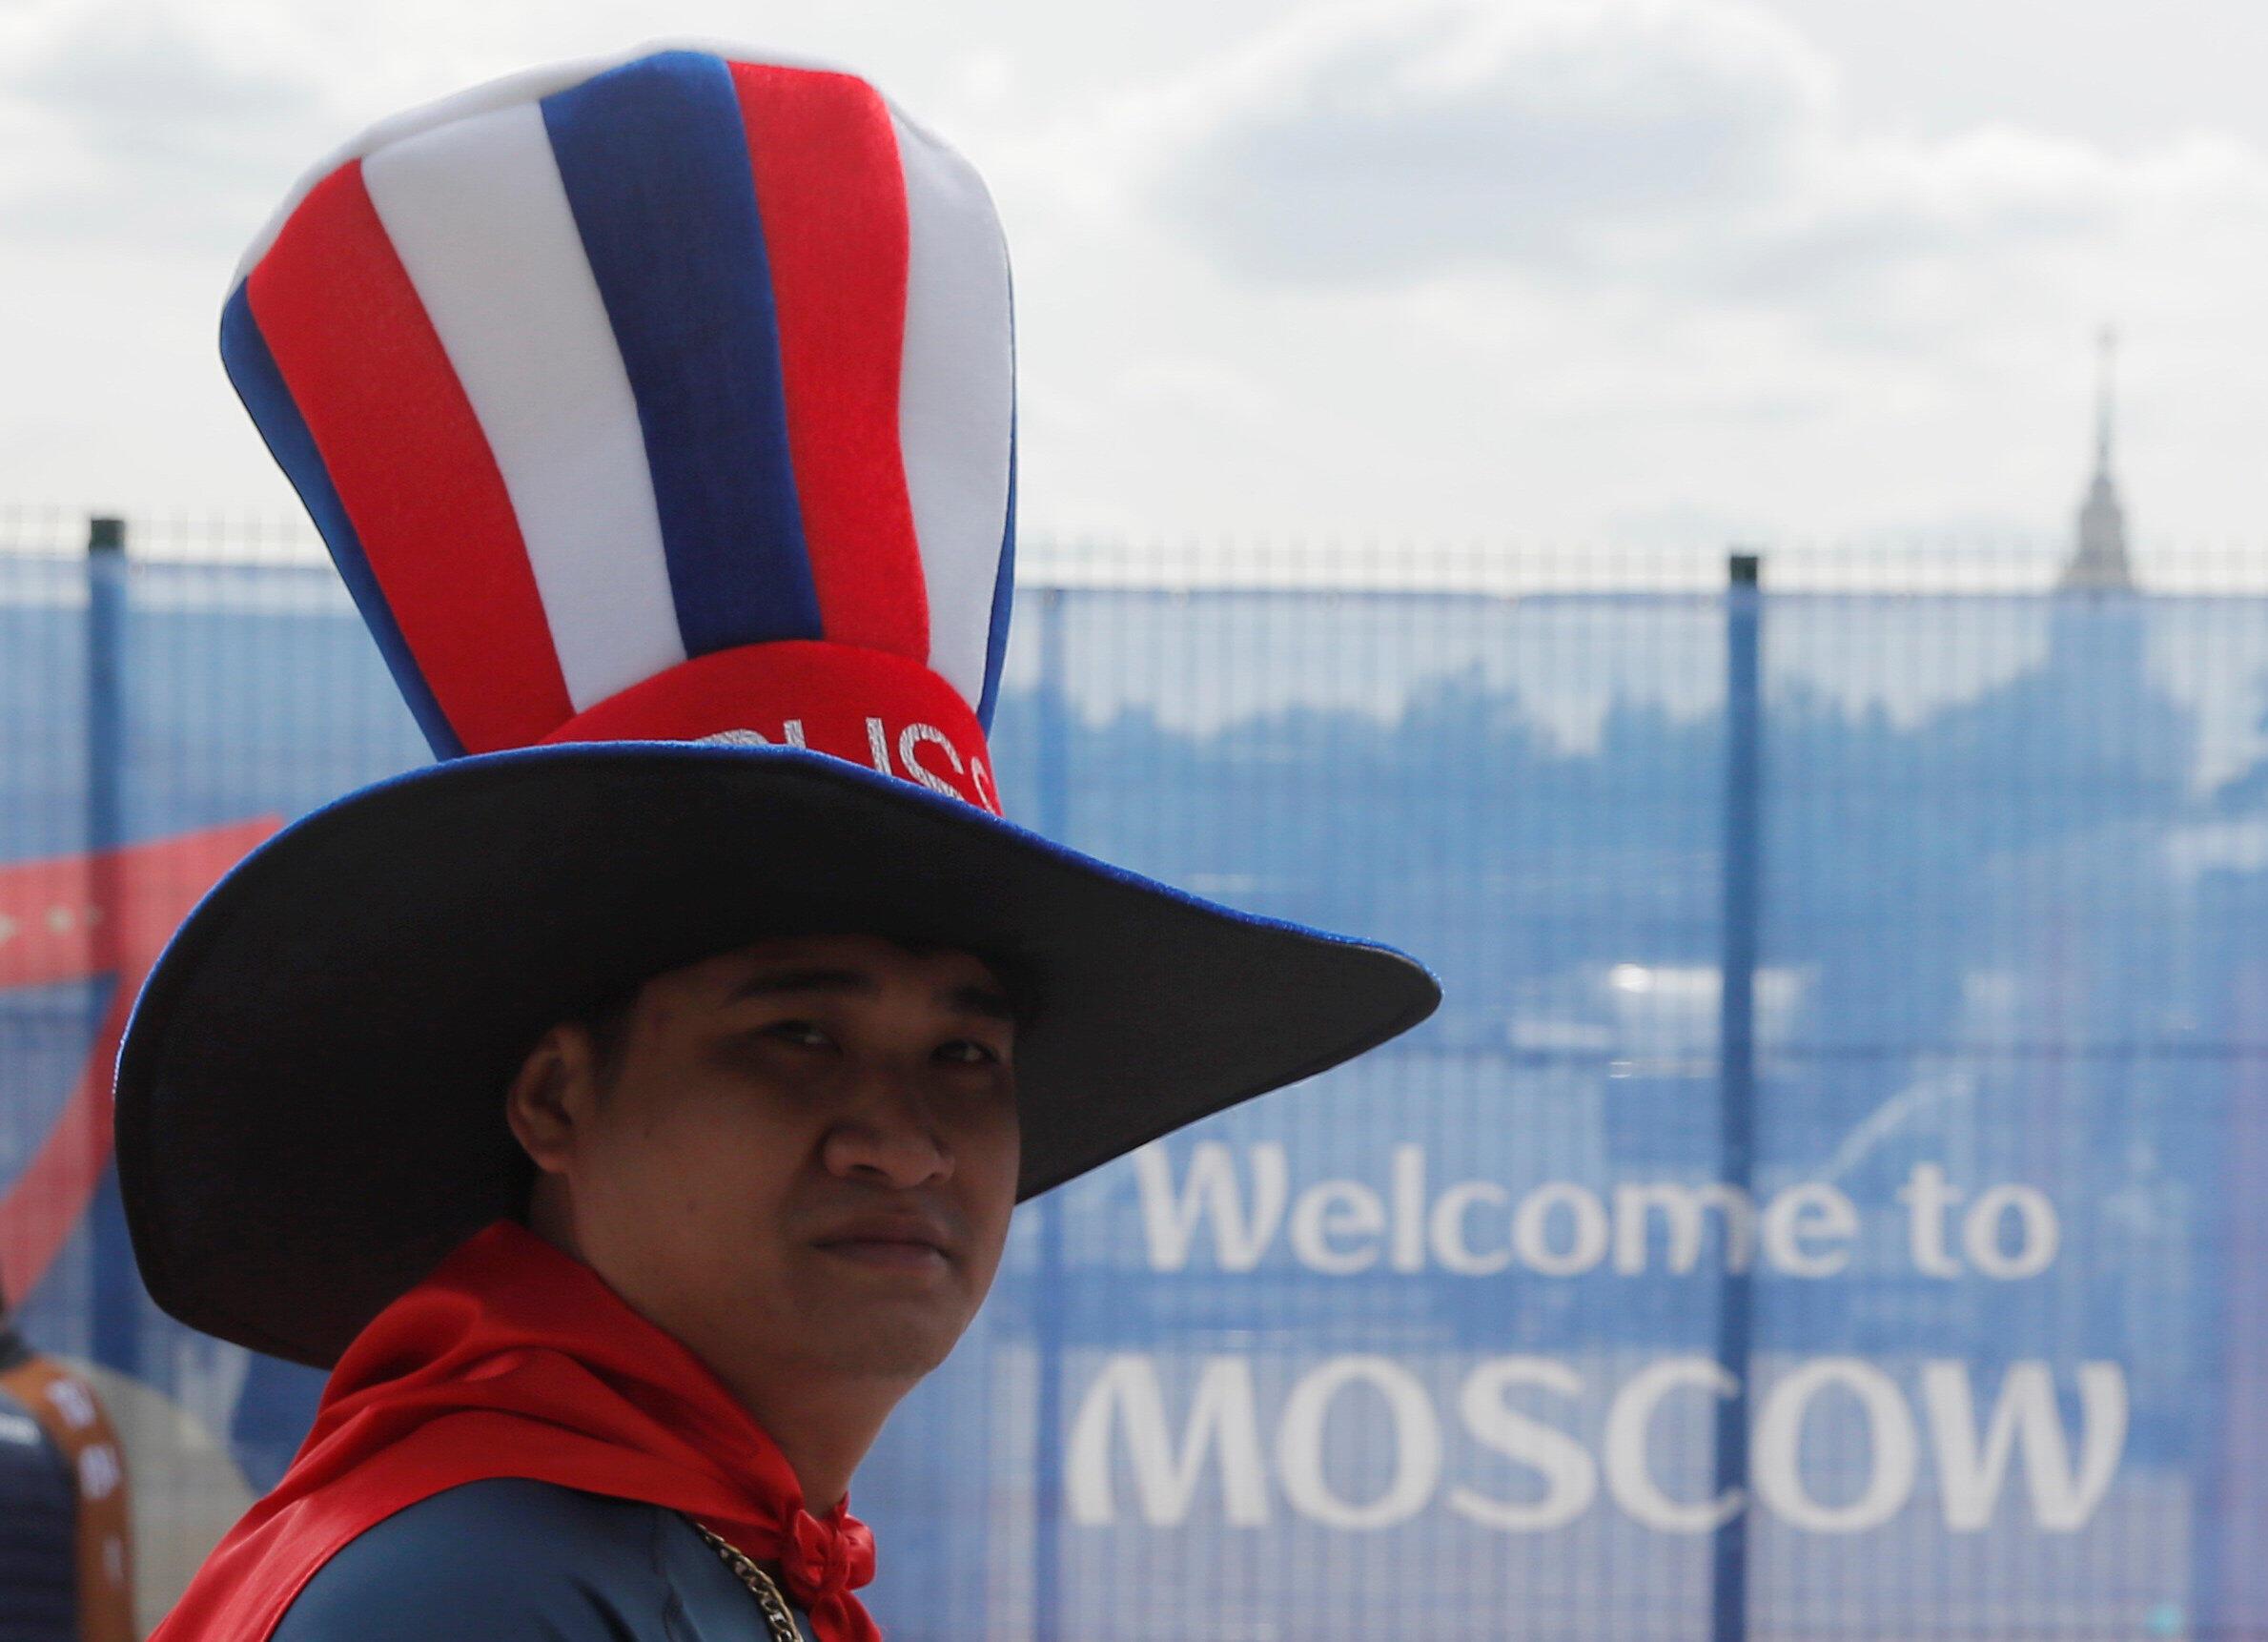 Một cổ động viên đội tuyển Nga trước hôm khai mạc World Cup 2018, bên ngoài sân vận động Luzhniki ở Matxcơva, ngày 14/06/2018.